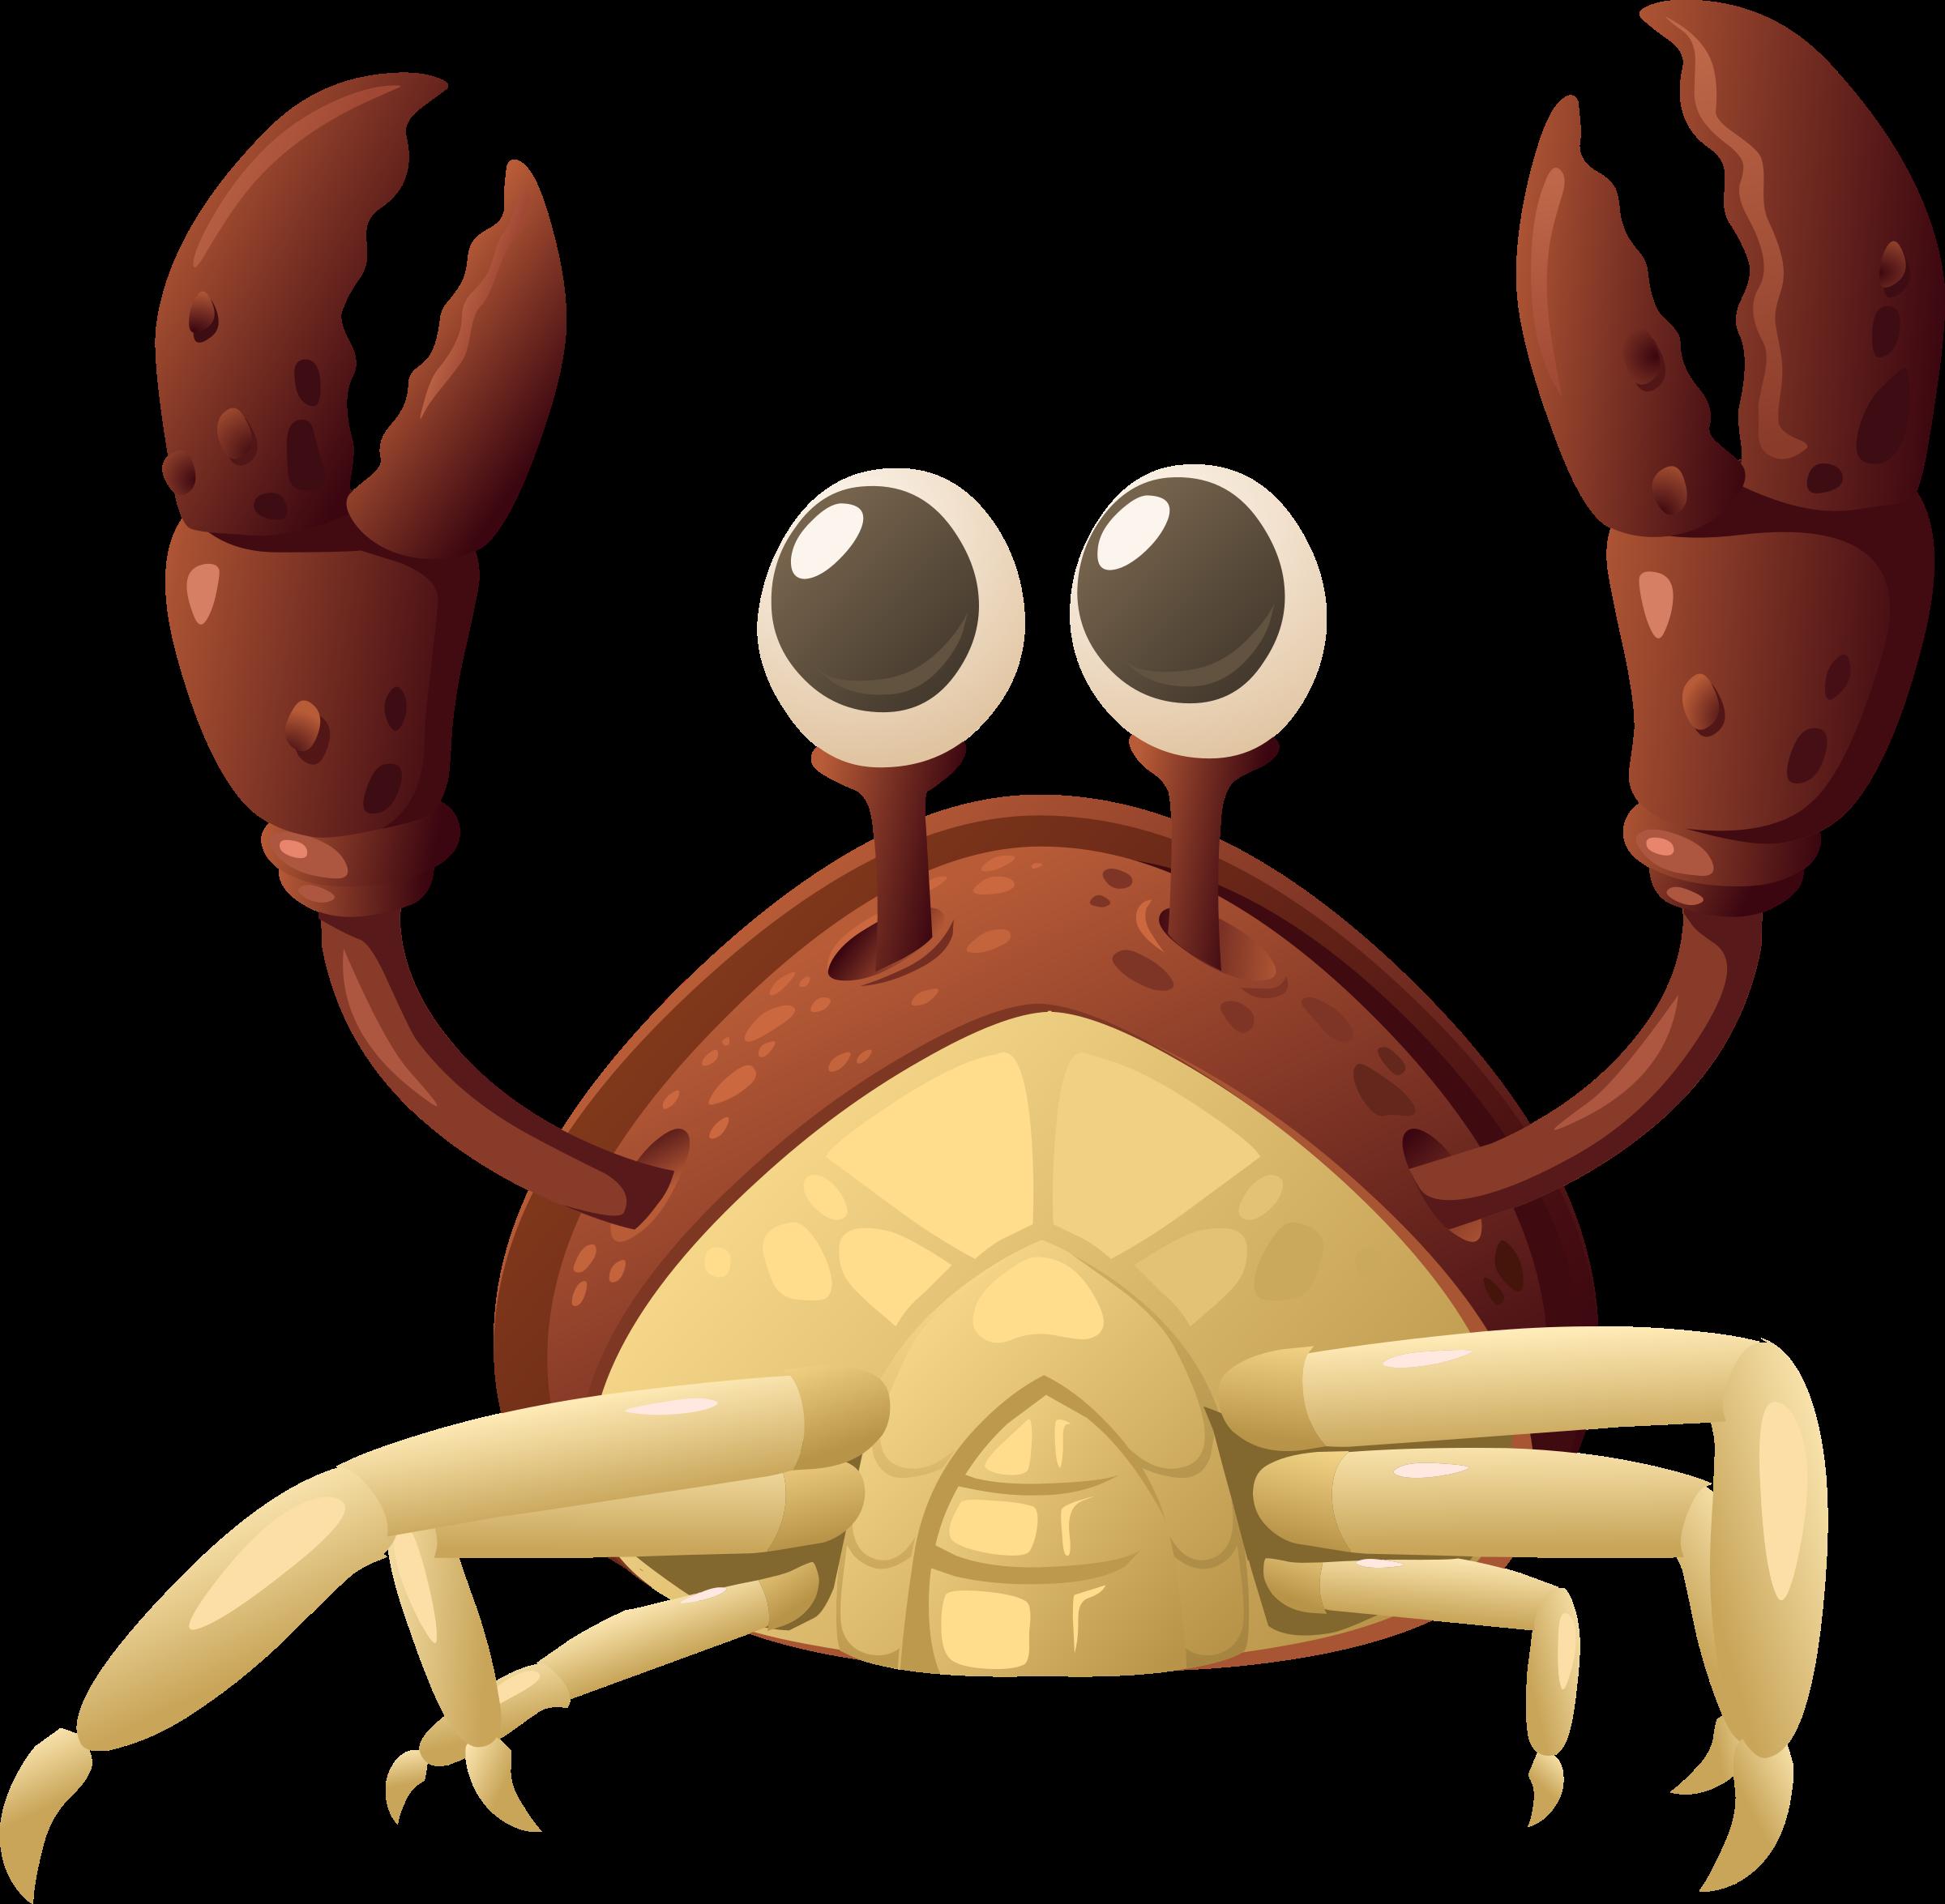 Crab clipart crab food. Inhabitants npc icons png